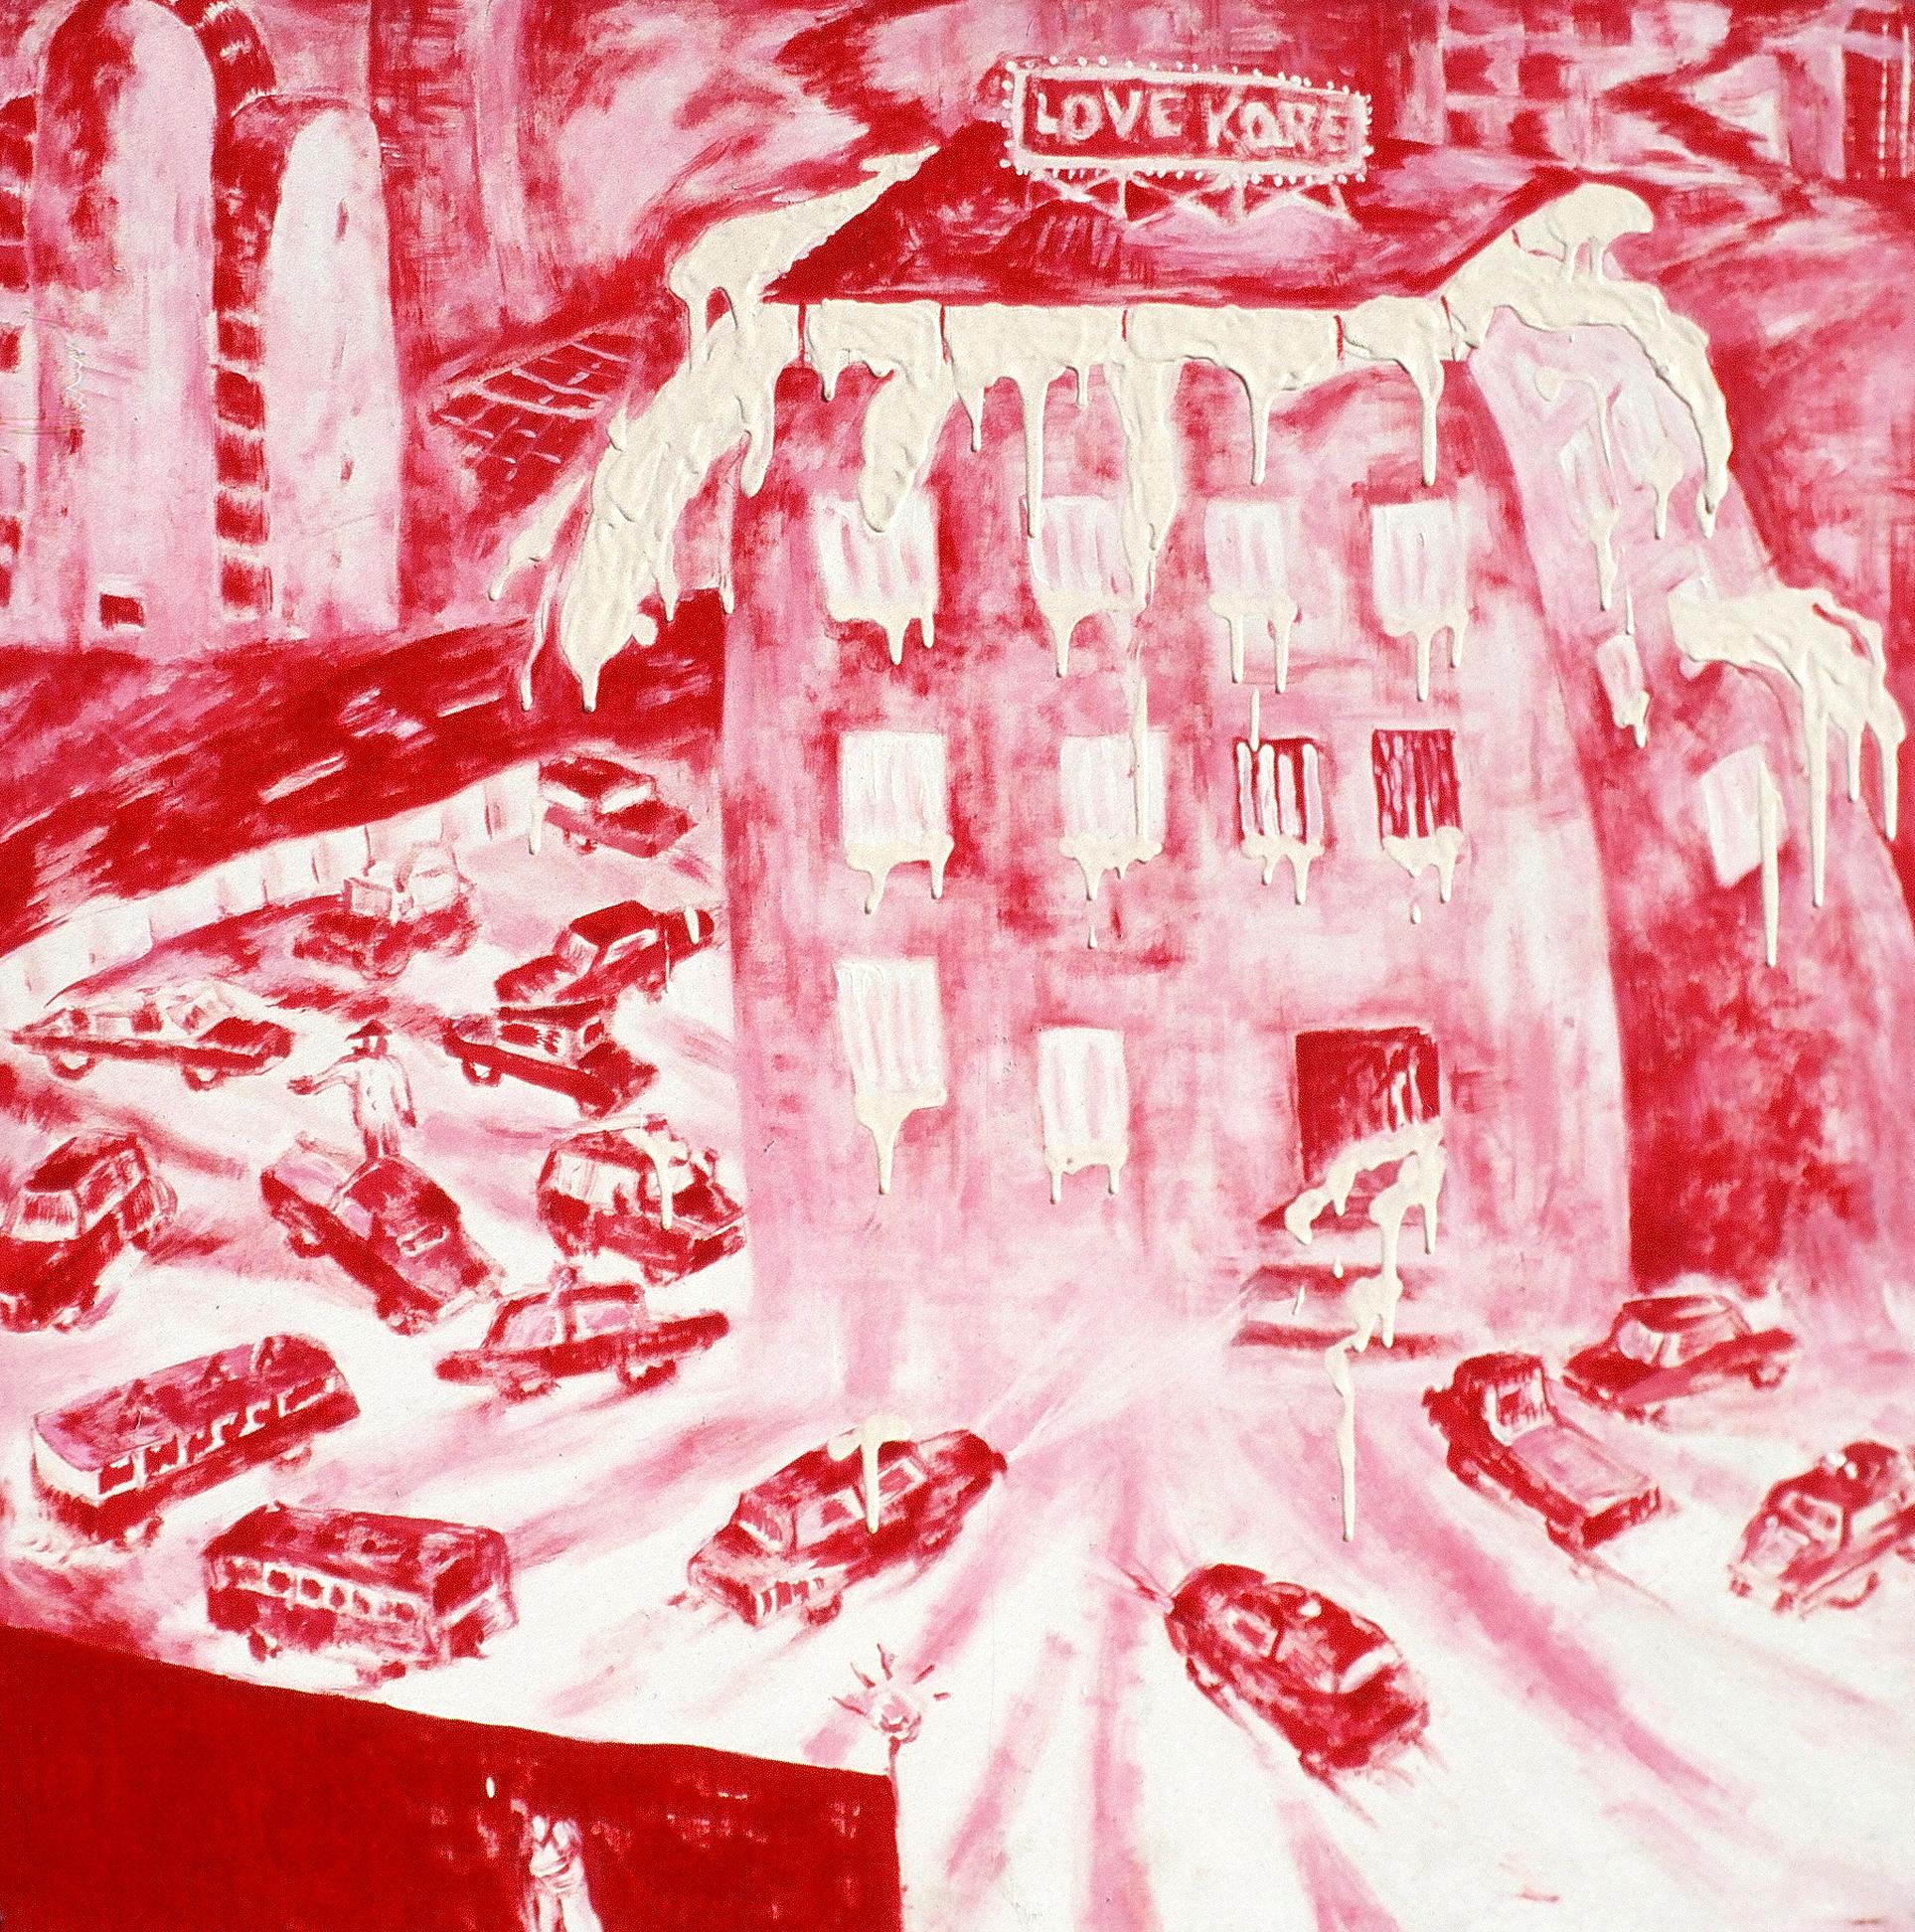 러브카레-1998 캔버스에 과슈110x110cm.jpg